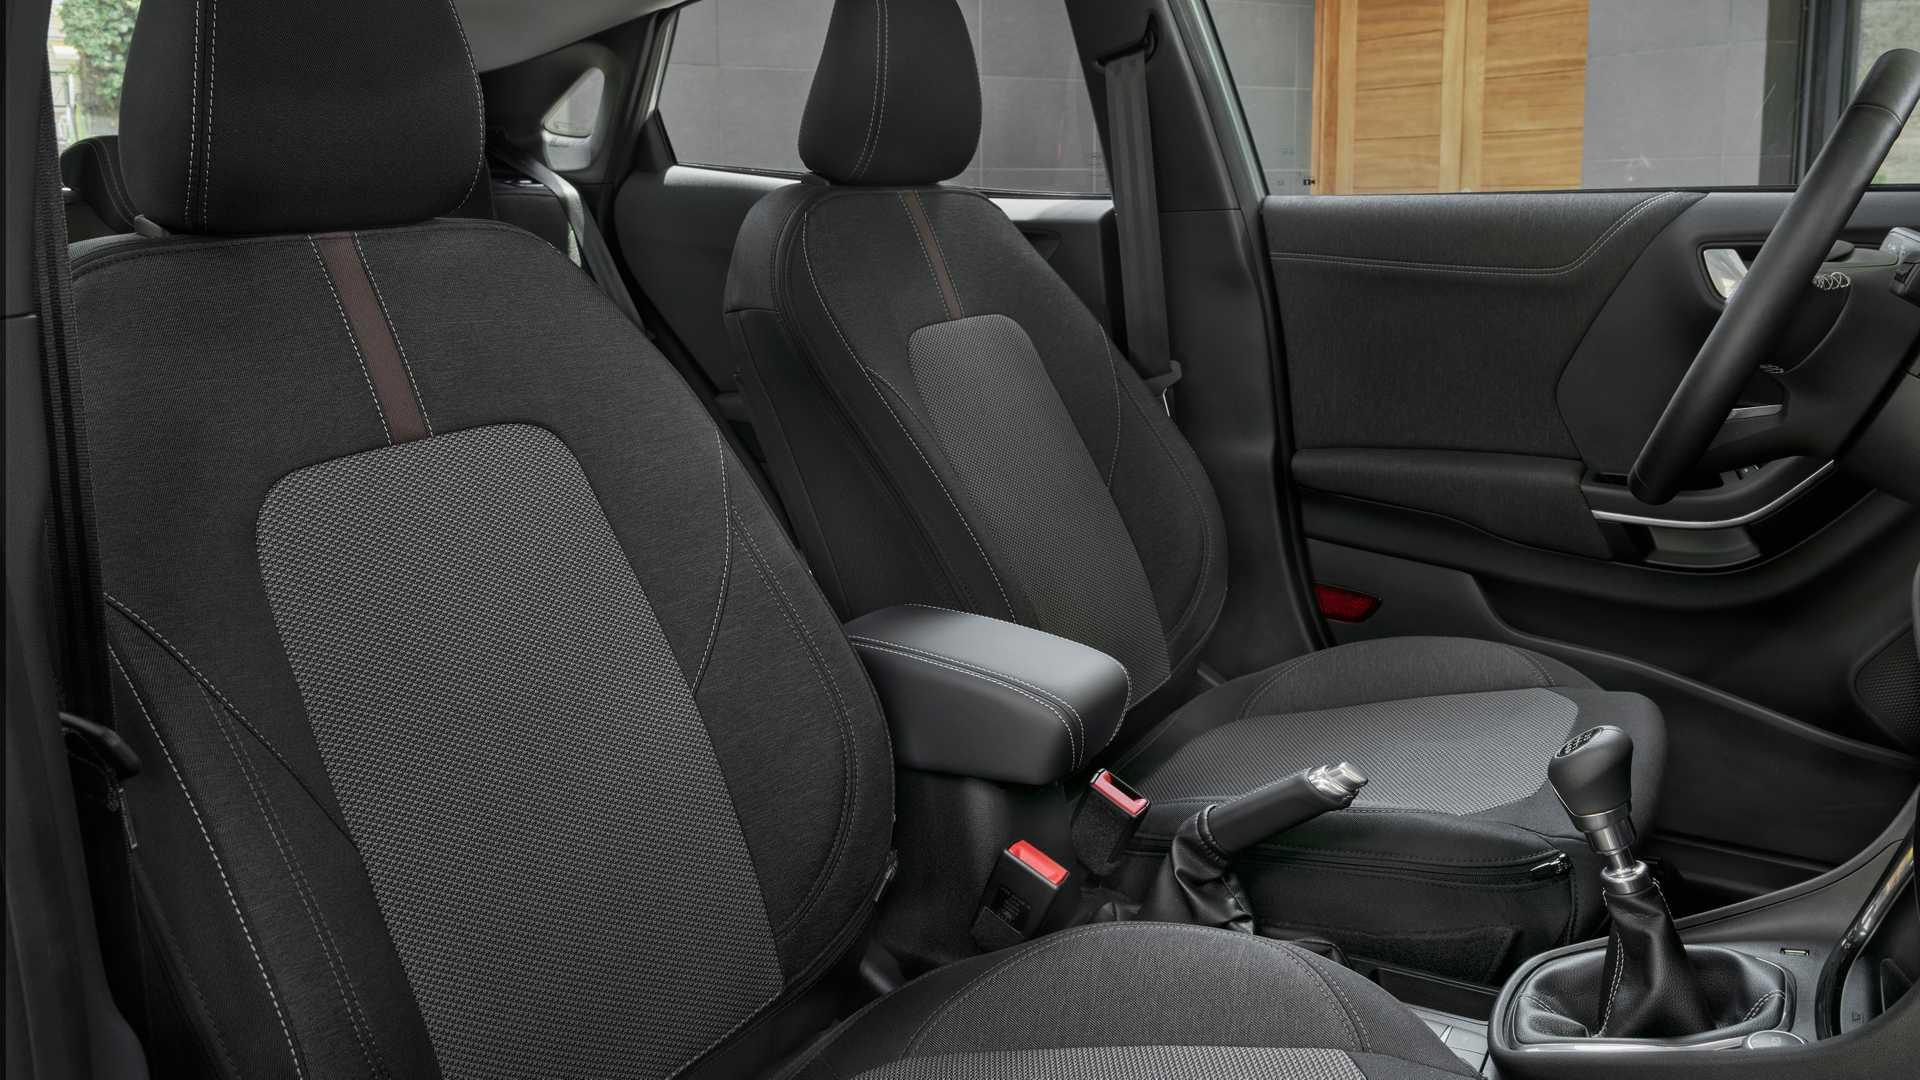 Ford Puma ra mắt phiên bản Titanium X với nhiều trang bị hiện đại - 7